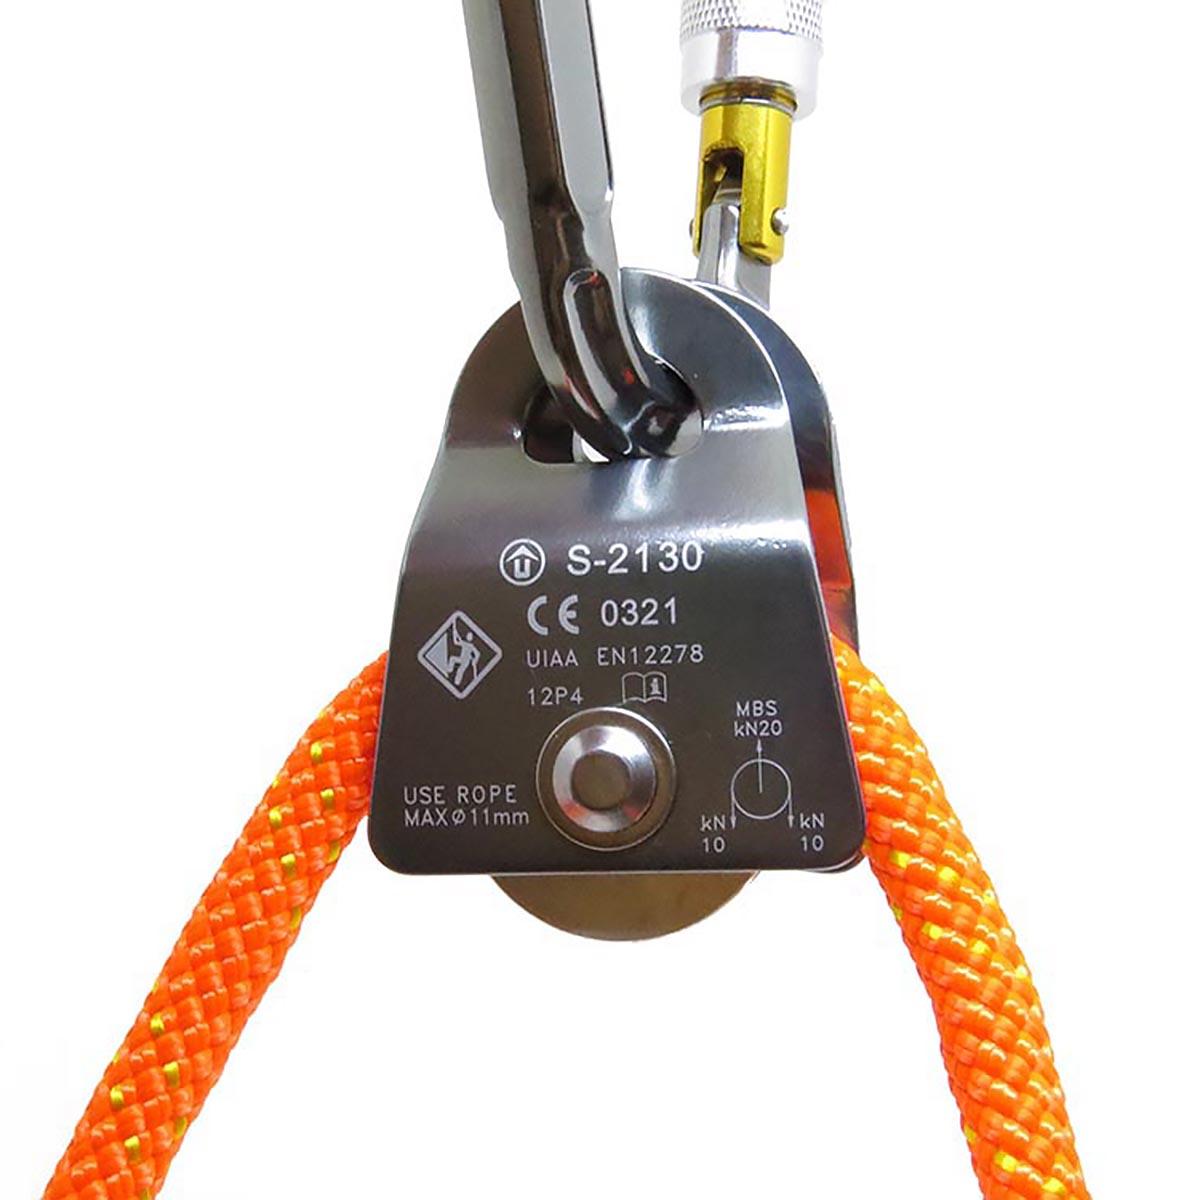 Polia Oscilante para Corda de até 11mm 20KN - USCLIMB